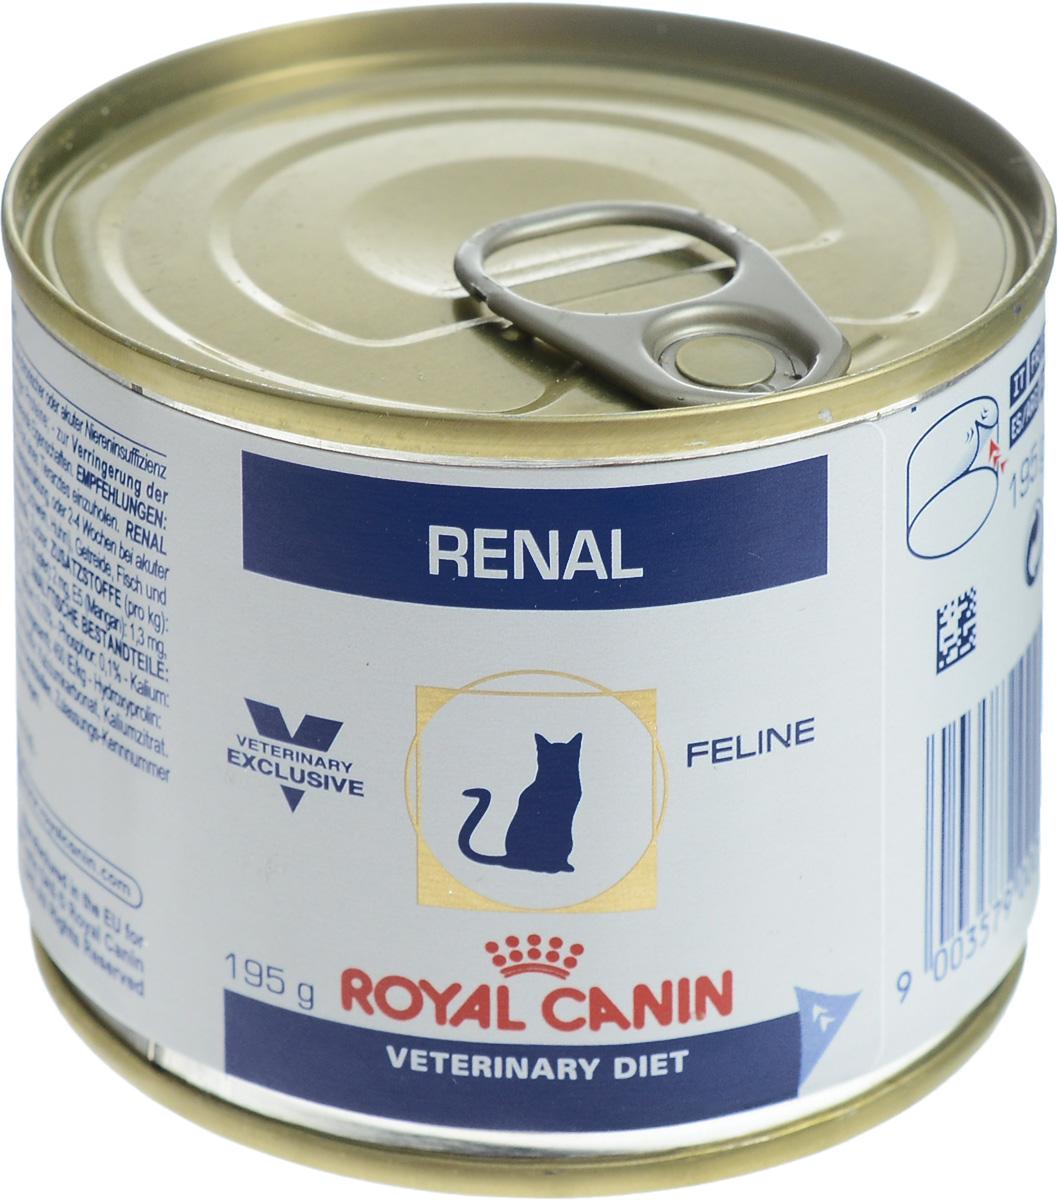 Консервы для кошек Royal Canin Renal, с почечной недостаточностью, с курицей, 195 г54519Royal Canin Renal - полнорационный диетический корм для кошек. Применяется для поддержания функции почек при острой или хронической почечной недостаточности, благодаря пониженному содержанию фосфора и высококачественного белка. Корм способствует профилактике оксалатного уролитиаза, благодаря низкому содержанию кальция и витамина D и повышенной способности к защелачиванию мочи. Показания: - хроническая почечная недостаточность (ХПН); - профилактика рецидивов образования камней оксалата кальция у кошек с ослабленной функцией почек; - профилактика рецидивов уролитиаза (уратов, цистинов), вызванных снижением уровня рН мочи. Противопоказания: - беременность, лактация, рост. Формула продуктов специально разработана для поддержания почечной функции при ХПН. Продукты отличаются низким содержанием фосфора, содержат комплекс антиоксидантов, жирные кислоты ЕРА и DHA. При ХПН почки теряют способность надлежащим...